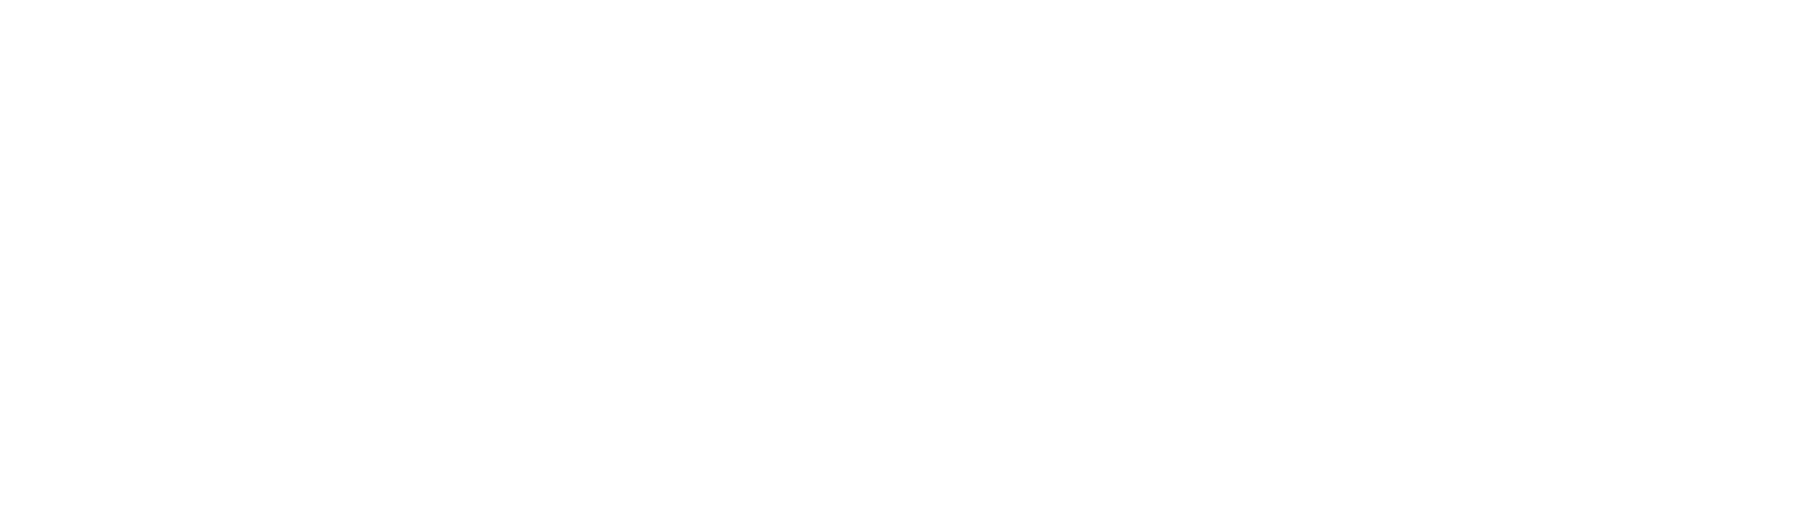 Ohio Pop